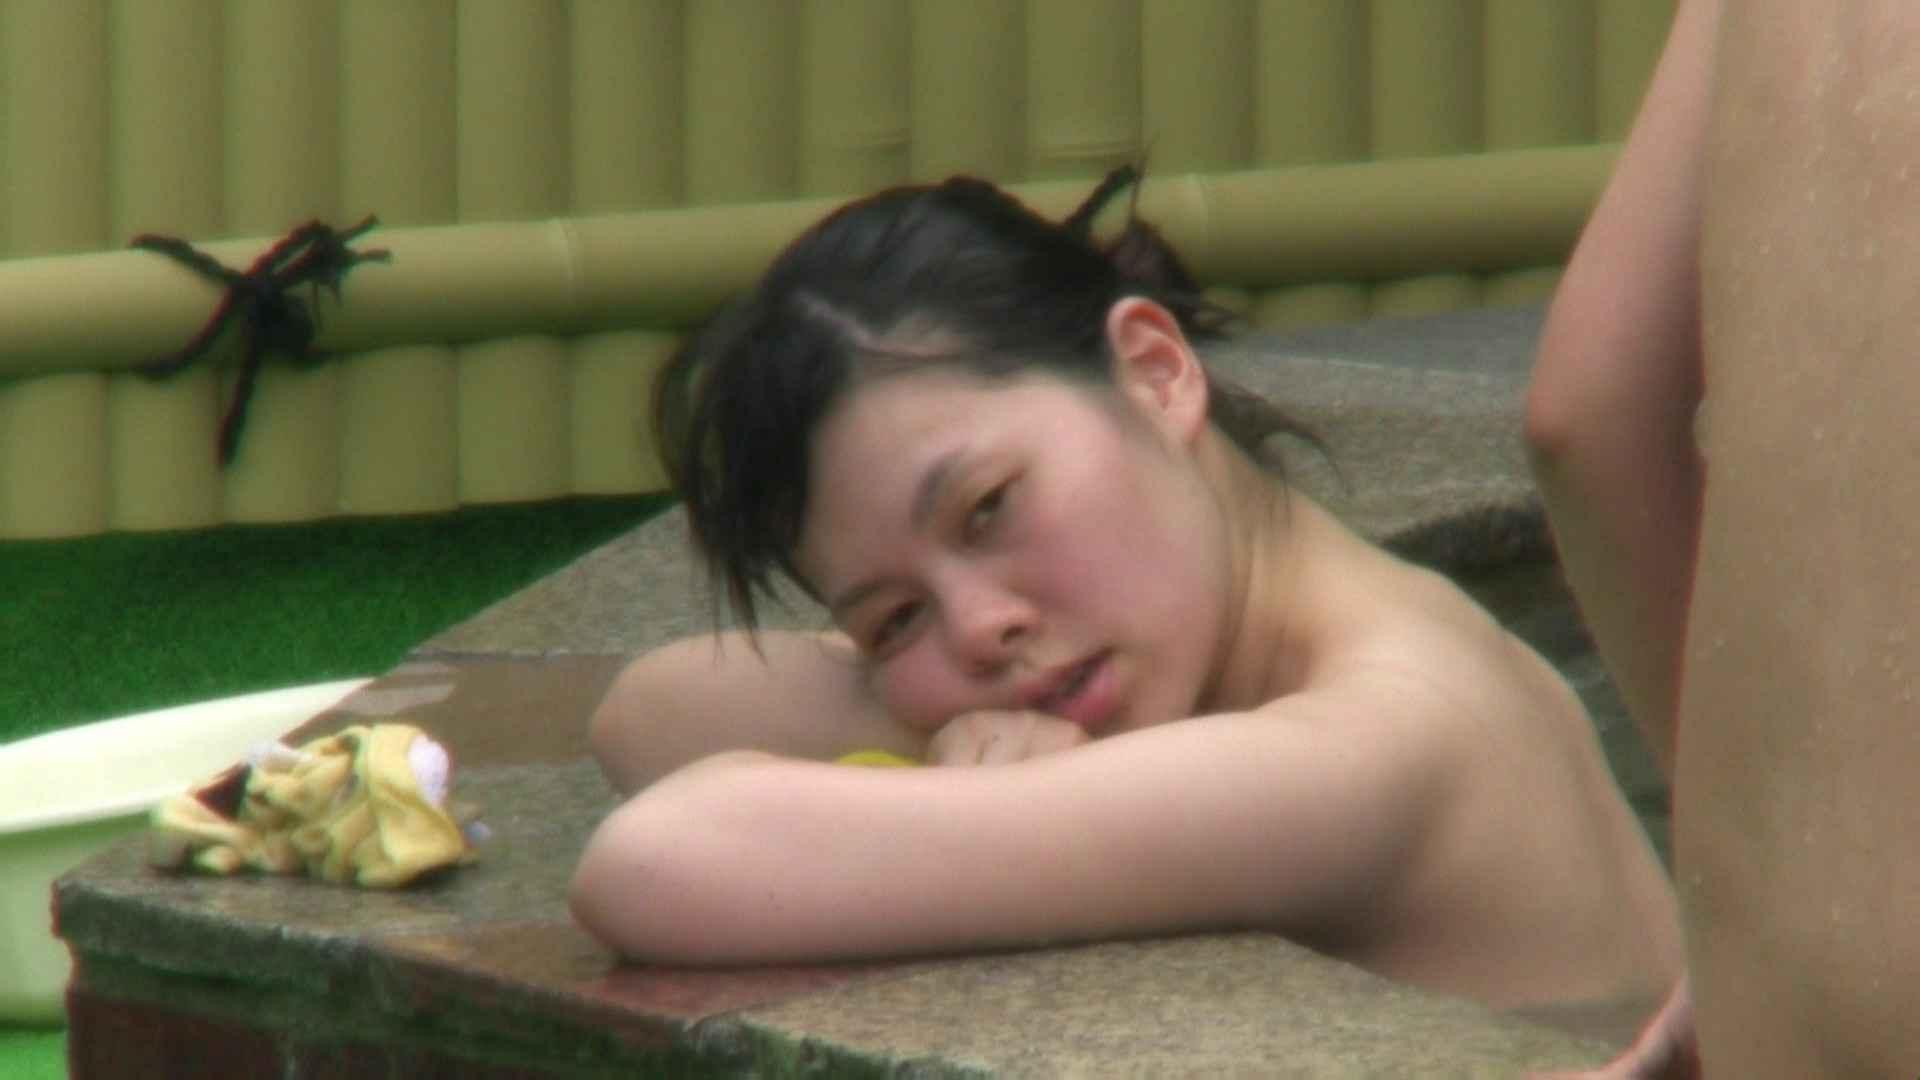 Aquaな露天風呂Vol.65【VIP限定】 盗撮 | 露天  95画像 16